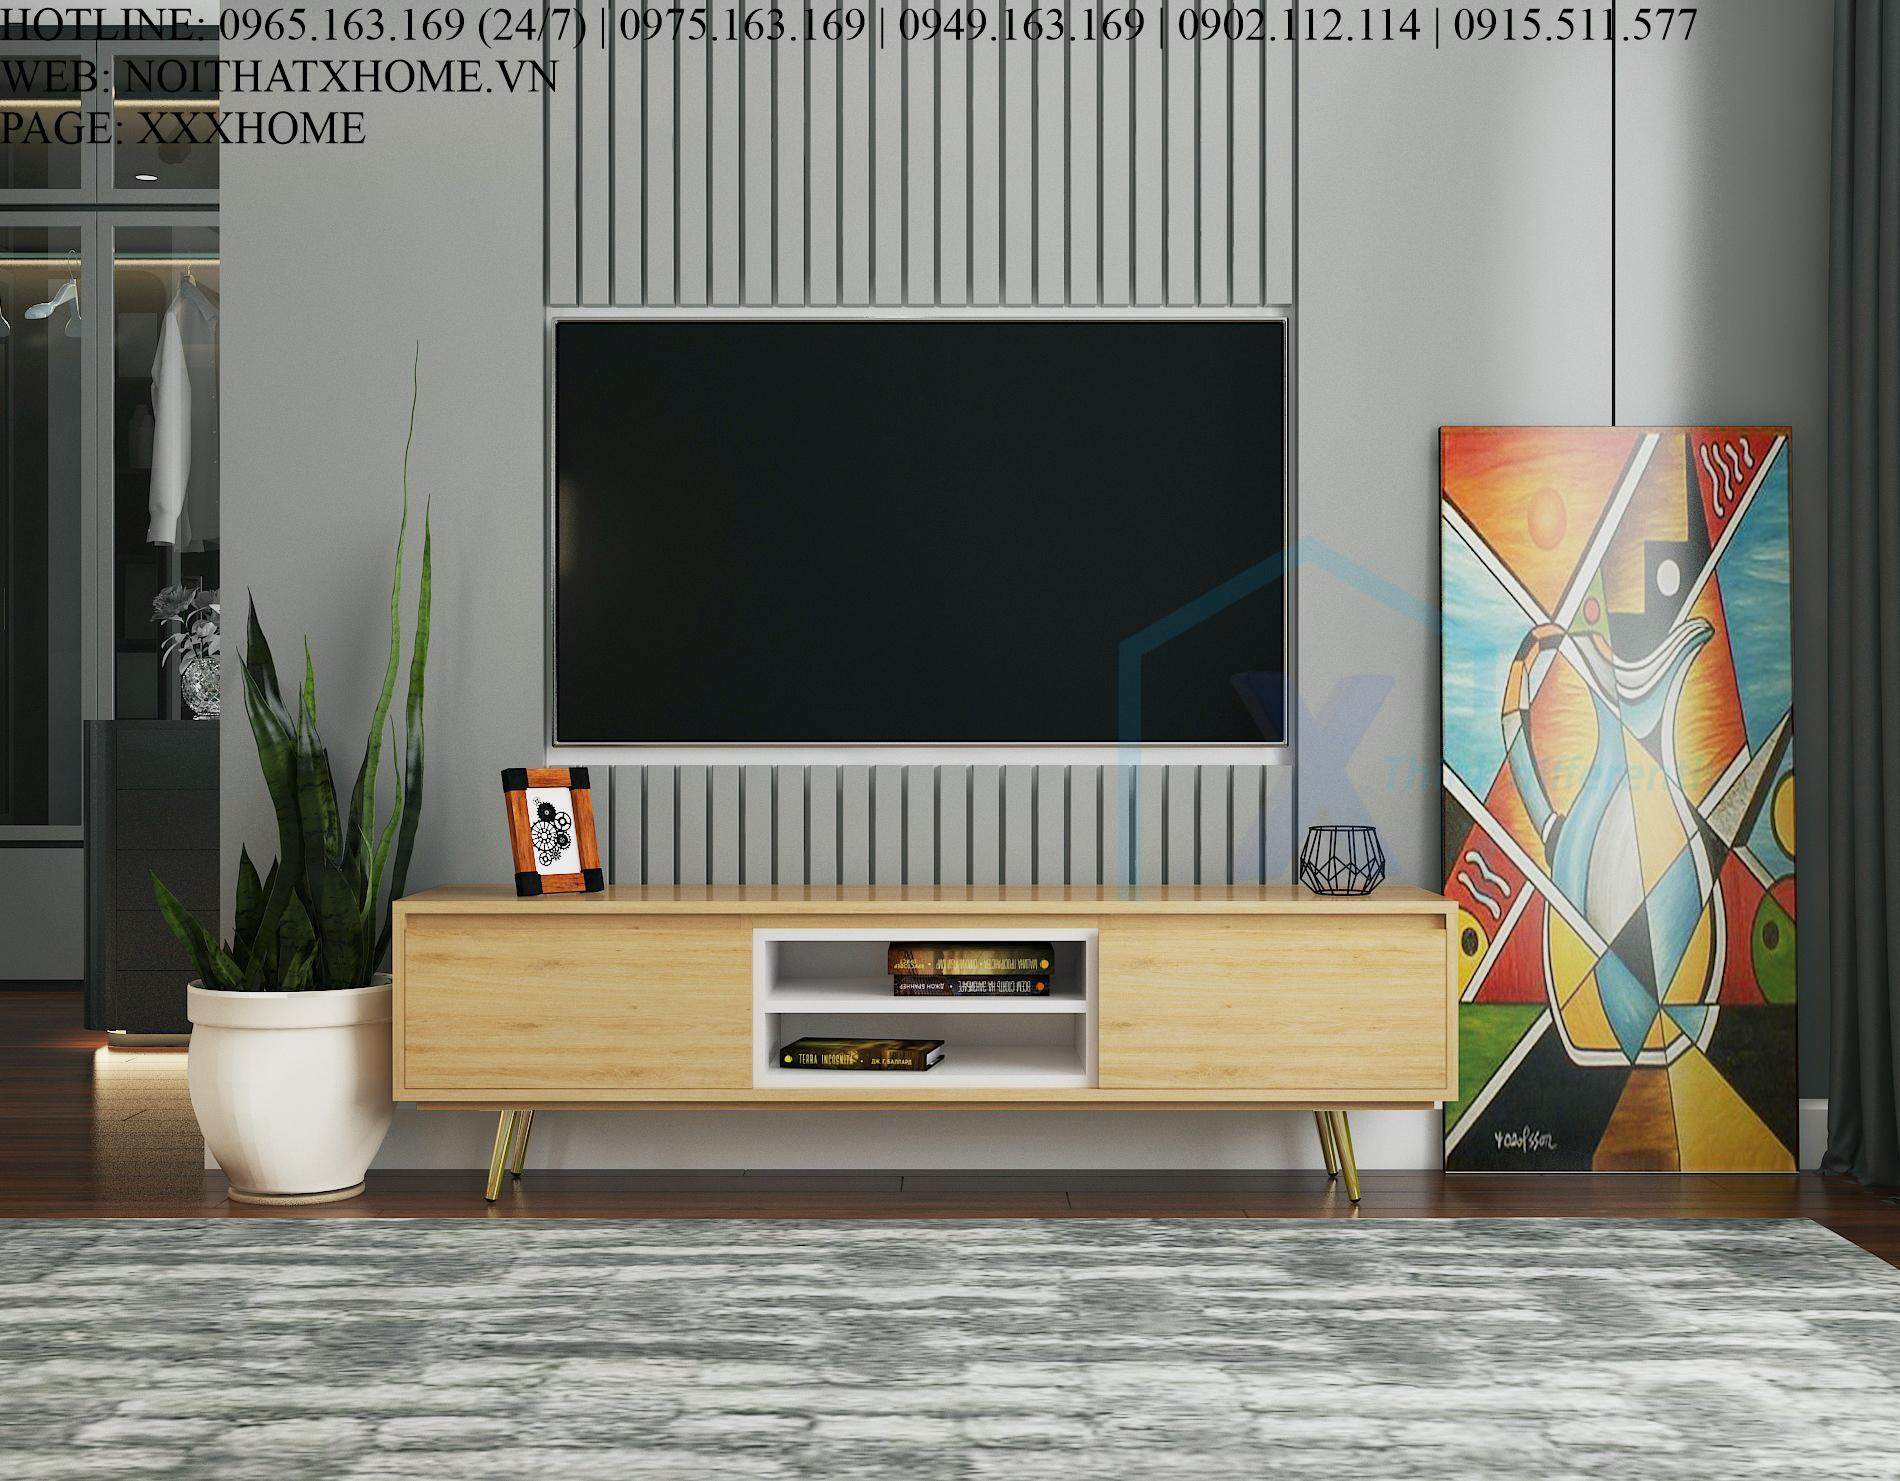 KỆ TIVI GỖ CÔNG NGHIỆP X HOME HÀ NỘI TG6810 1